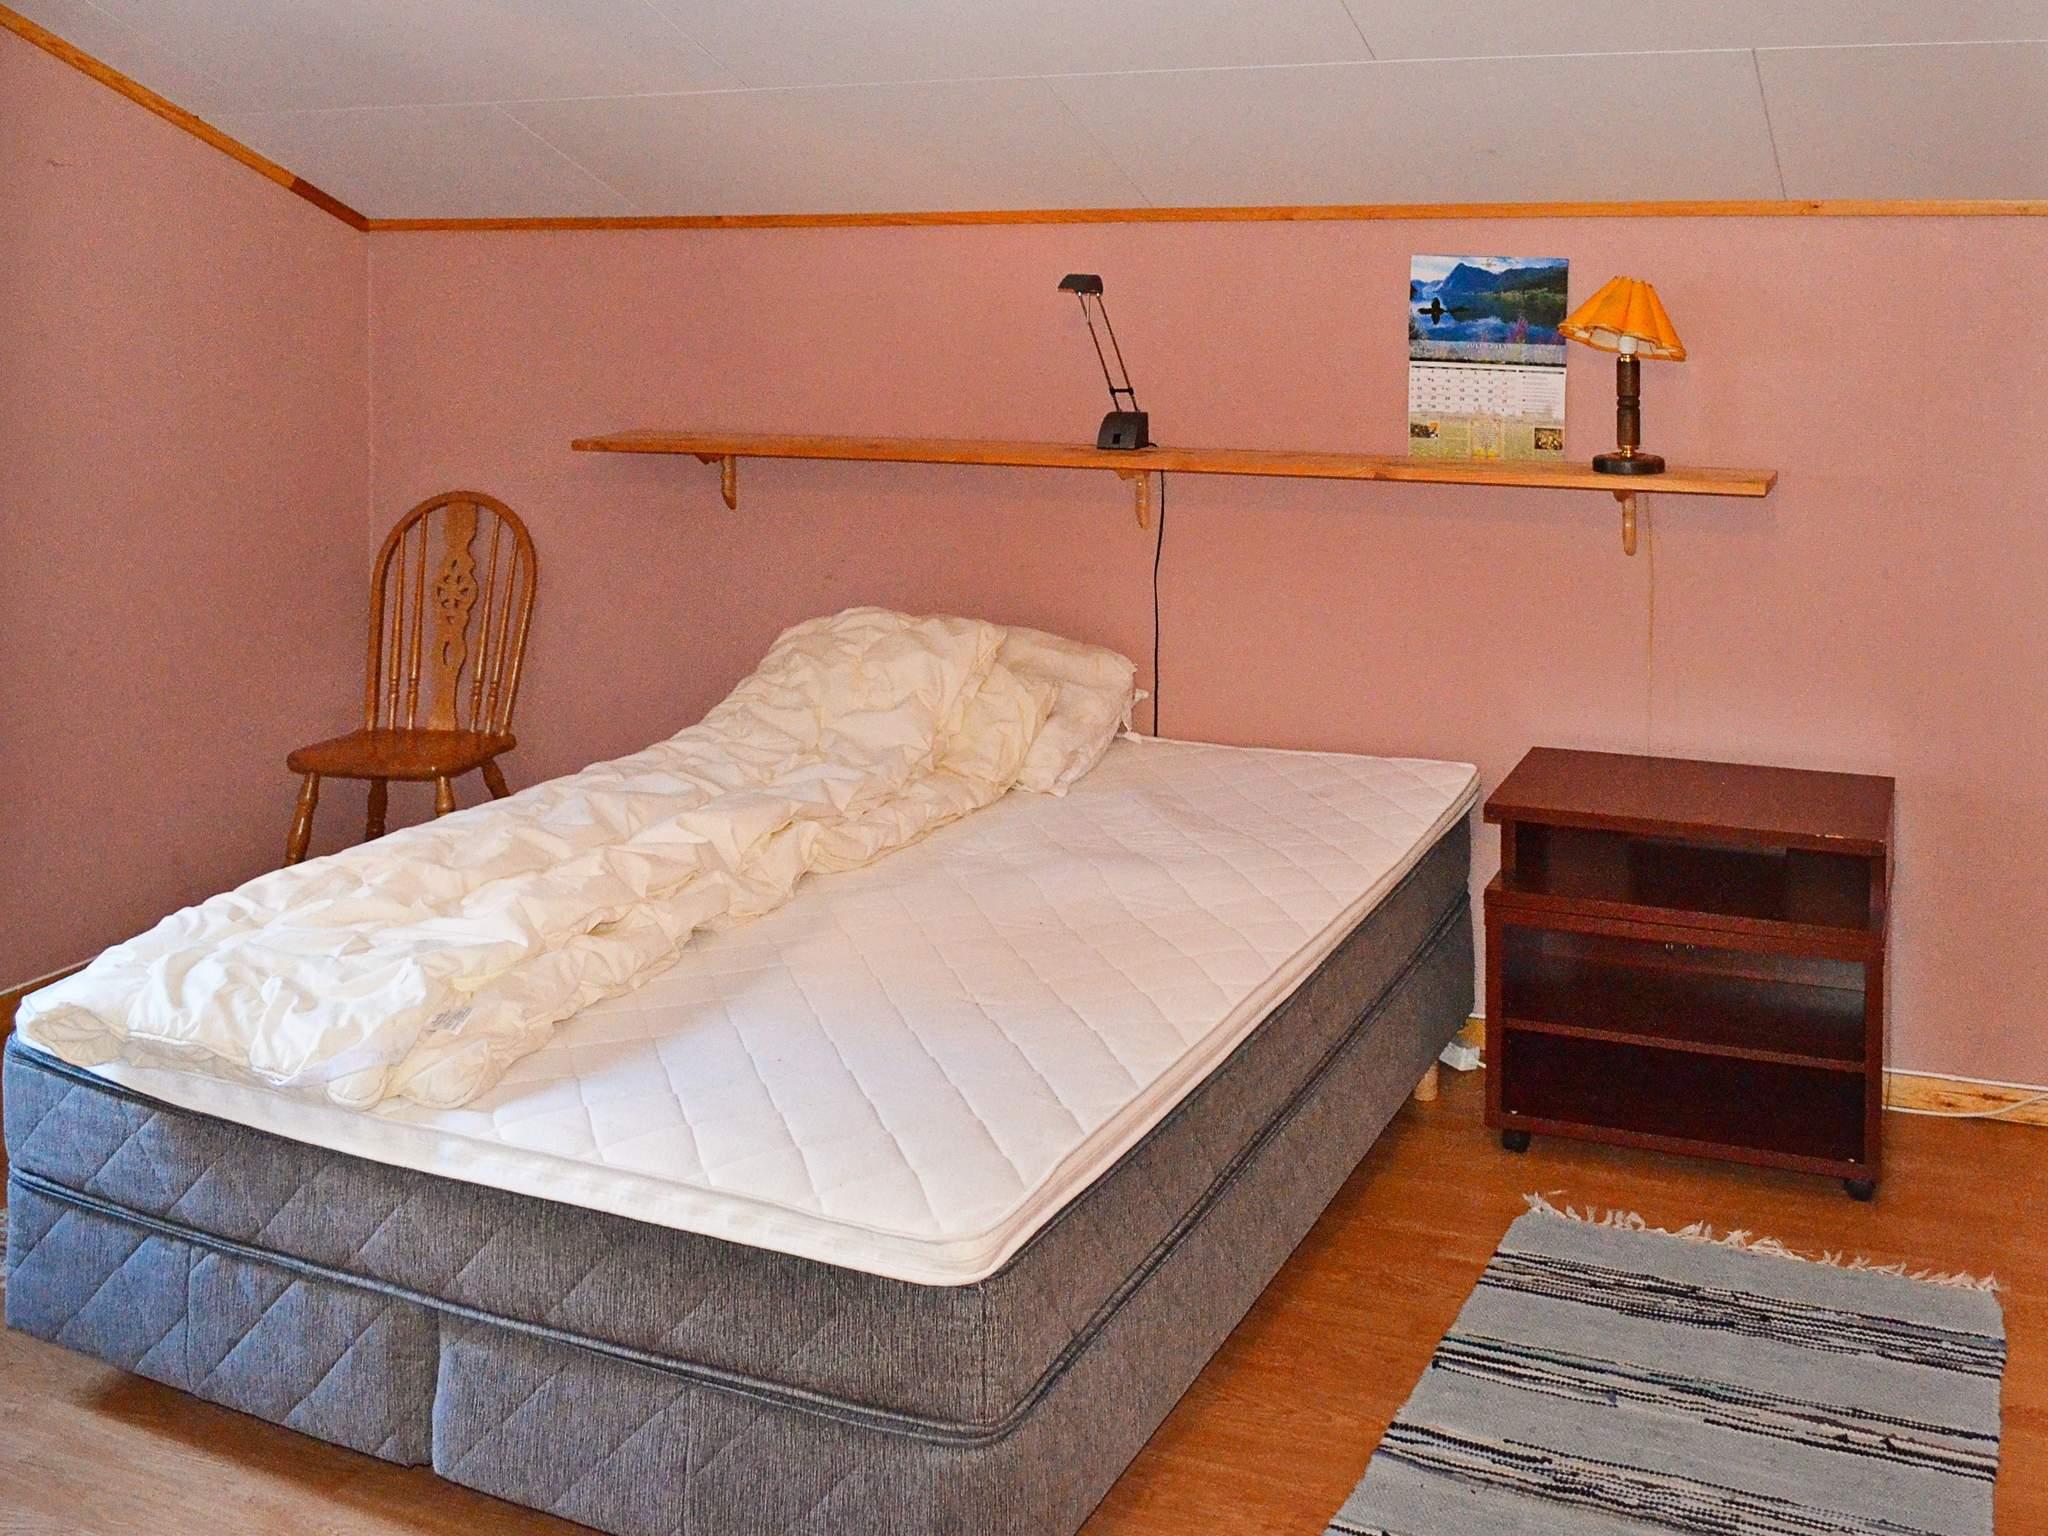 Ferienhaus Senja (921371), Torsken, , Nordnorwegen, Norwegen, Bild 6